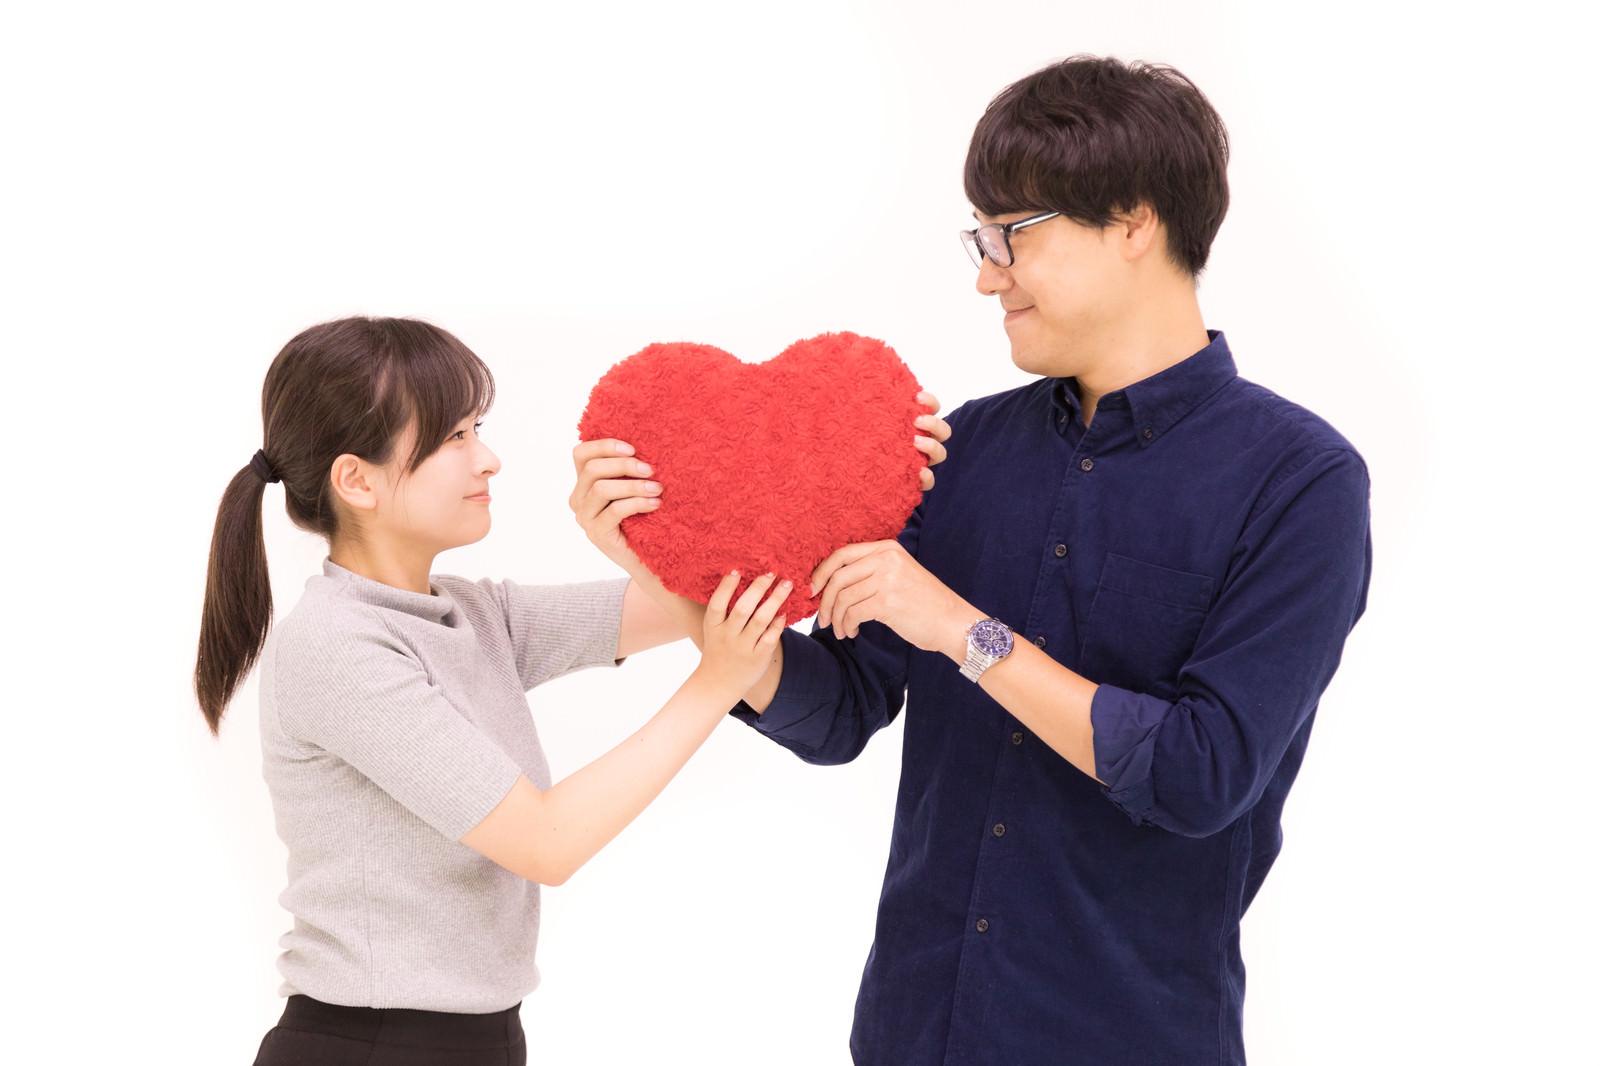 「ハートをがっちりカップル」の写真[モデル:真崎真幸 千歳]